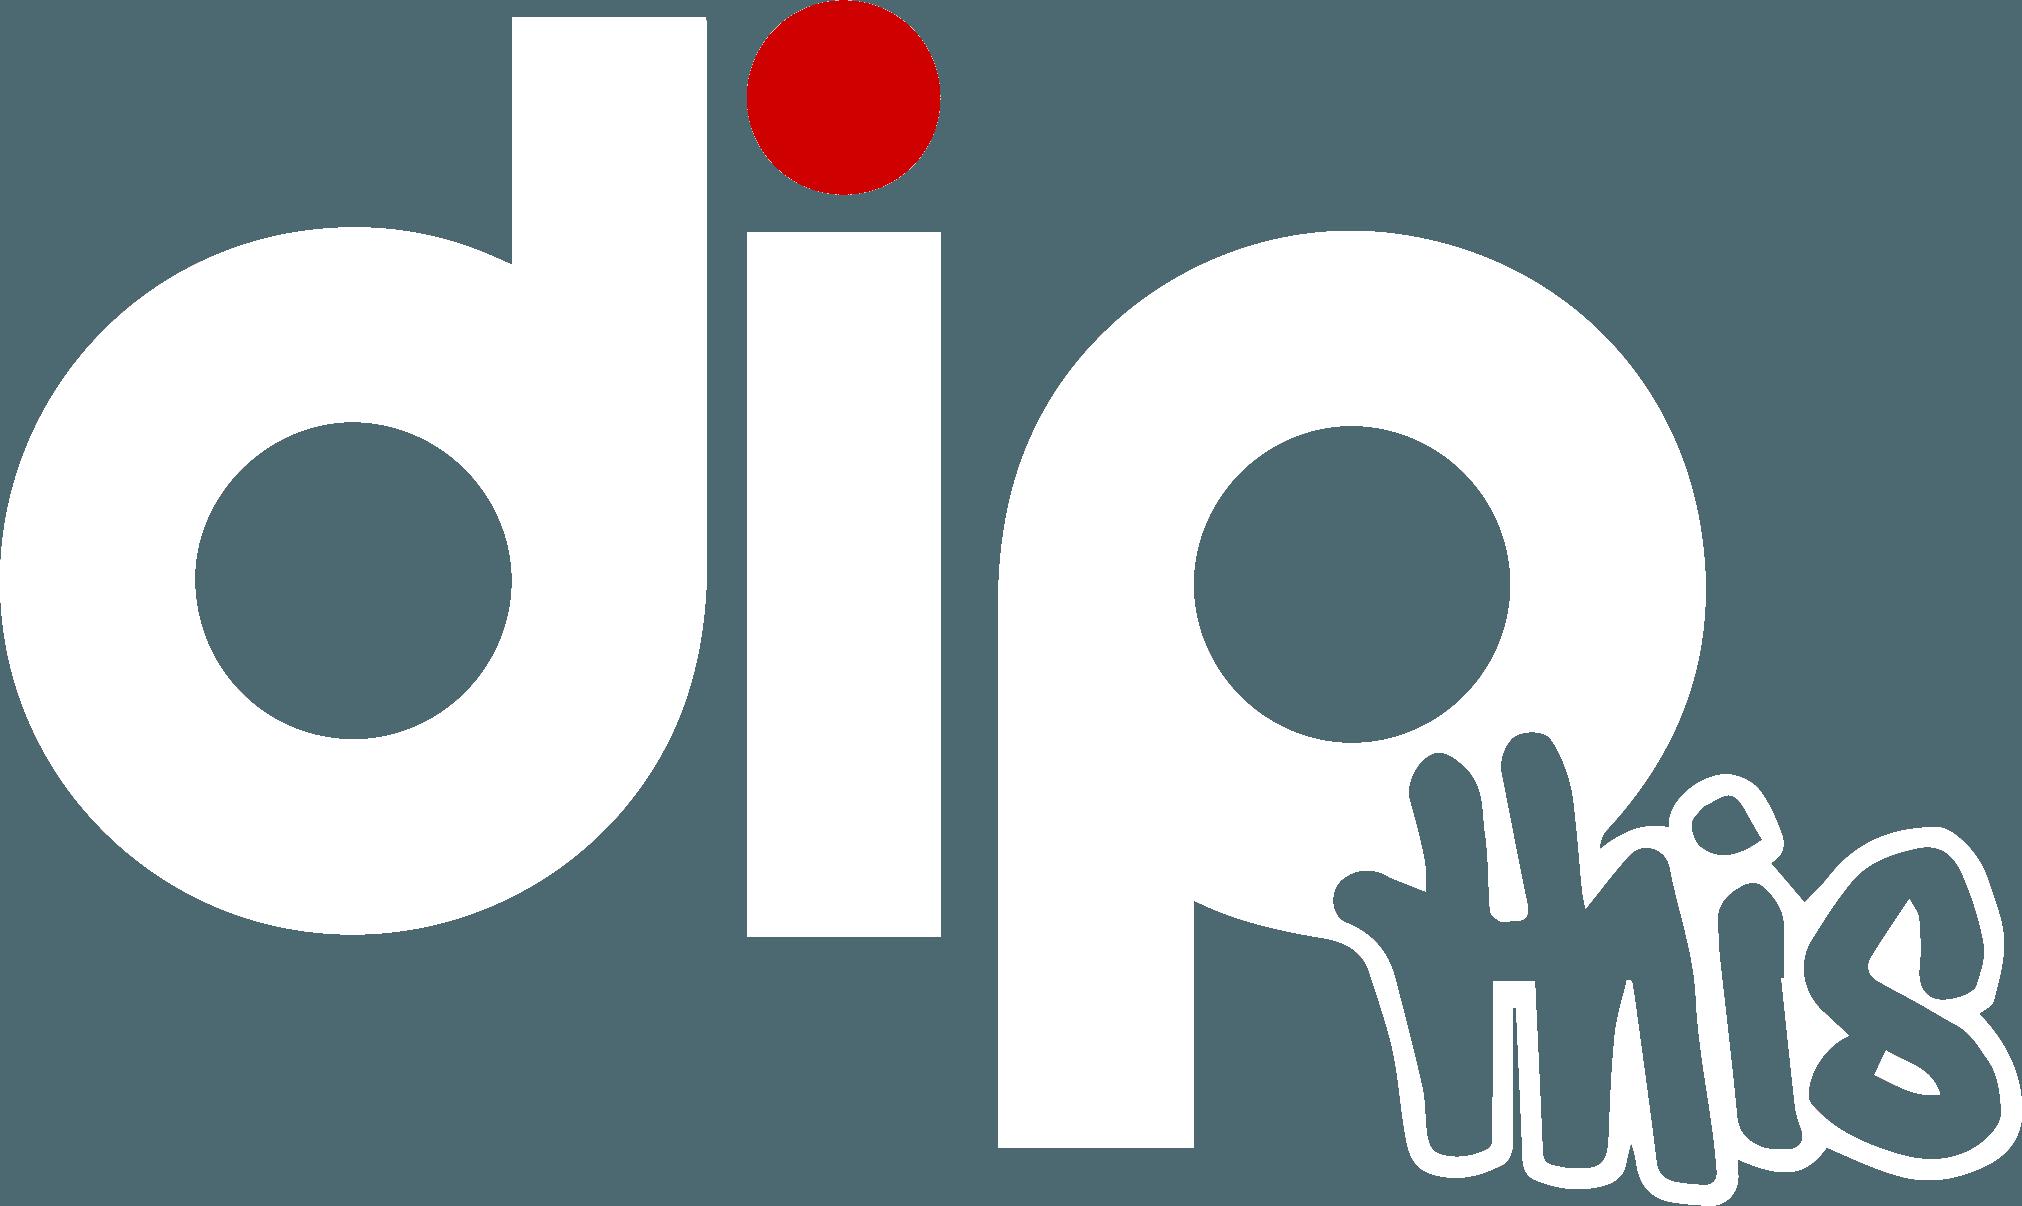 Dip Kit Hydro Dipping Process - Hydro Dipping Dip Kits